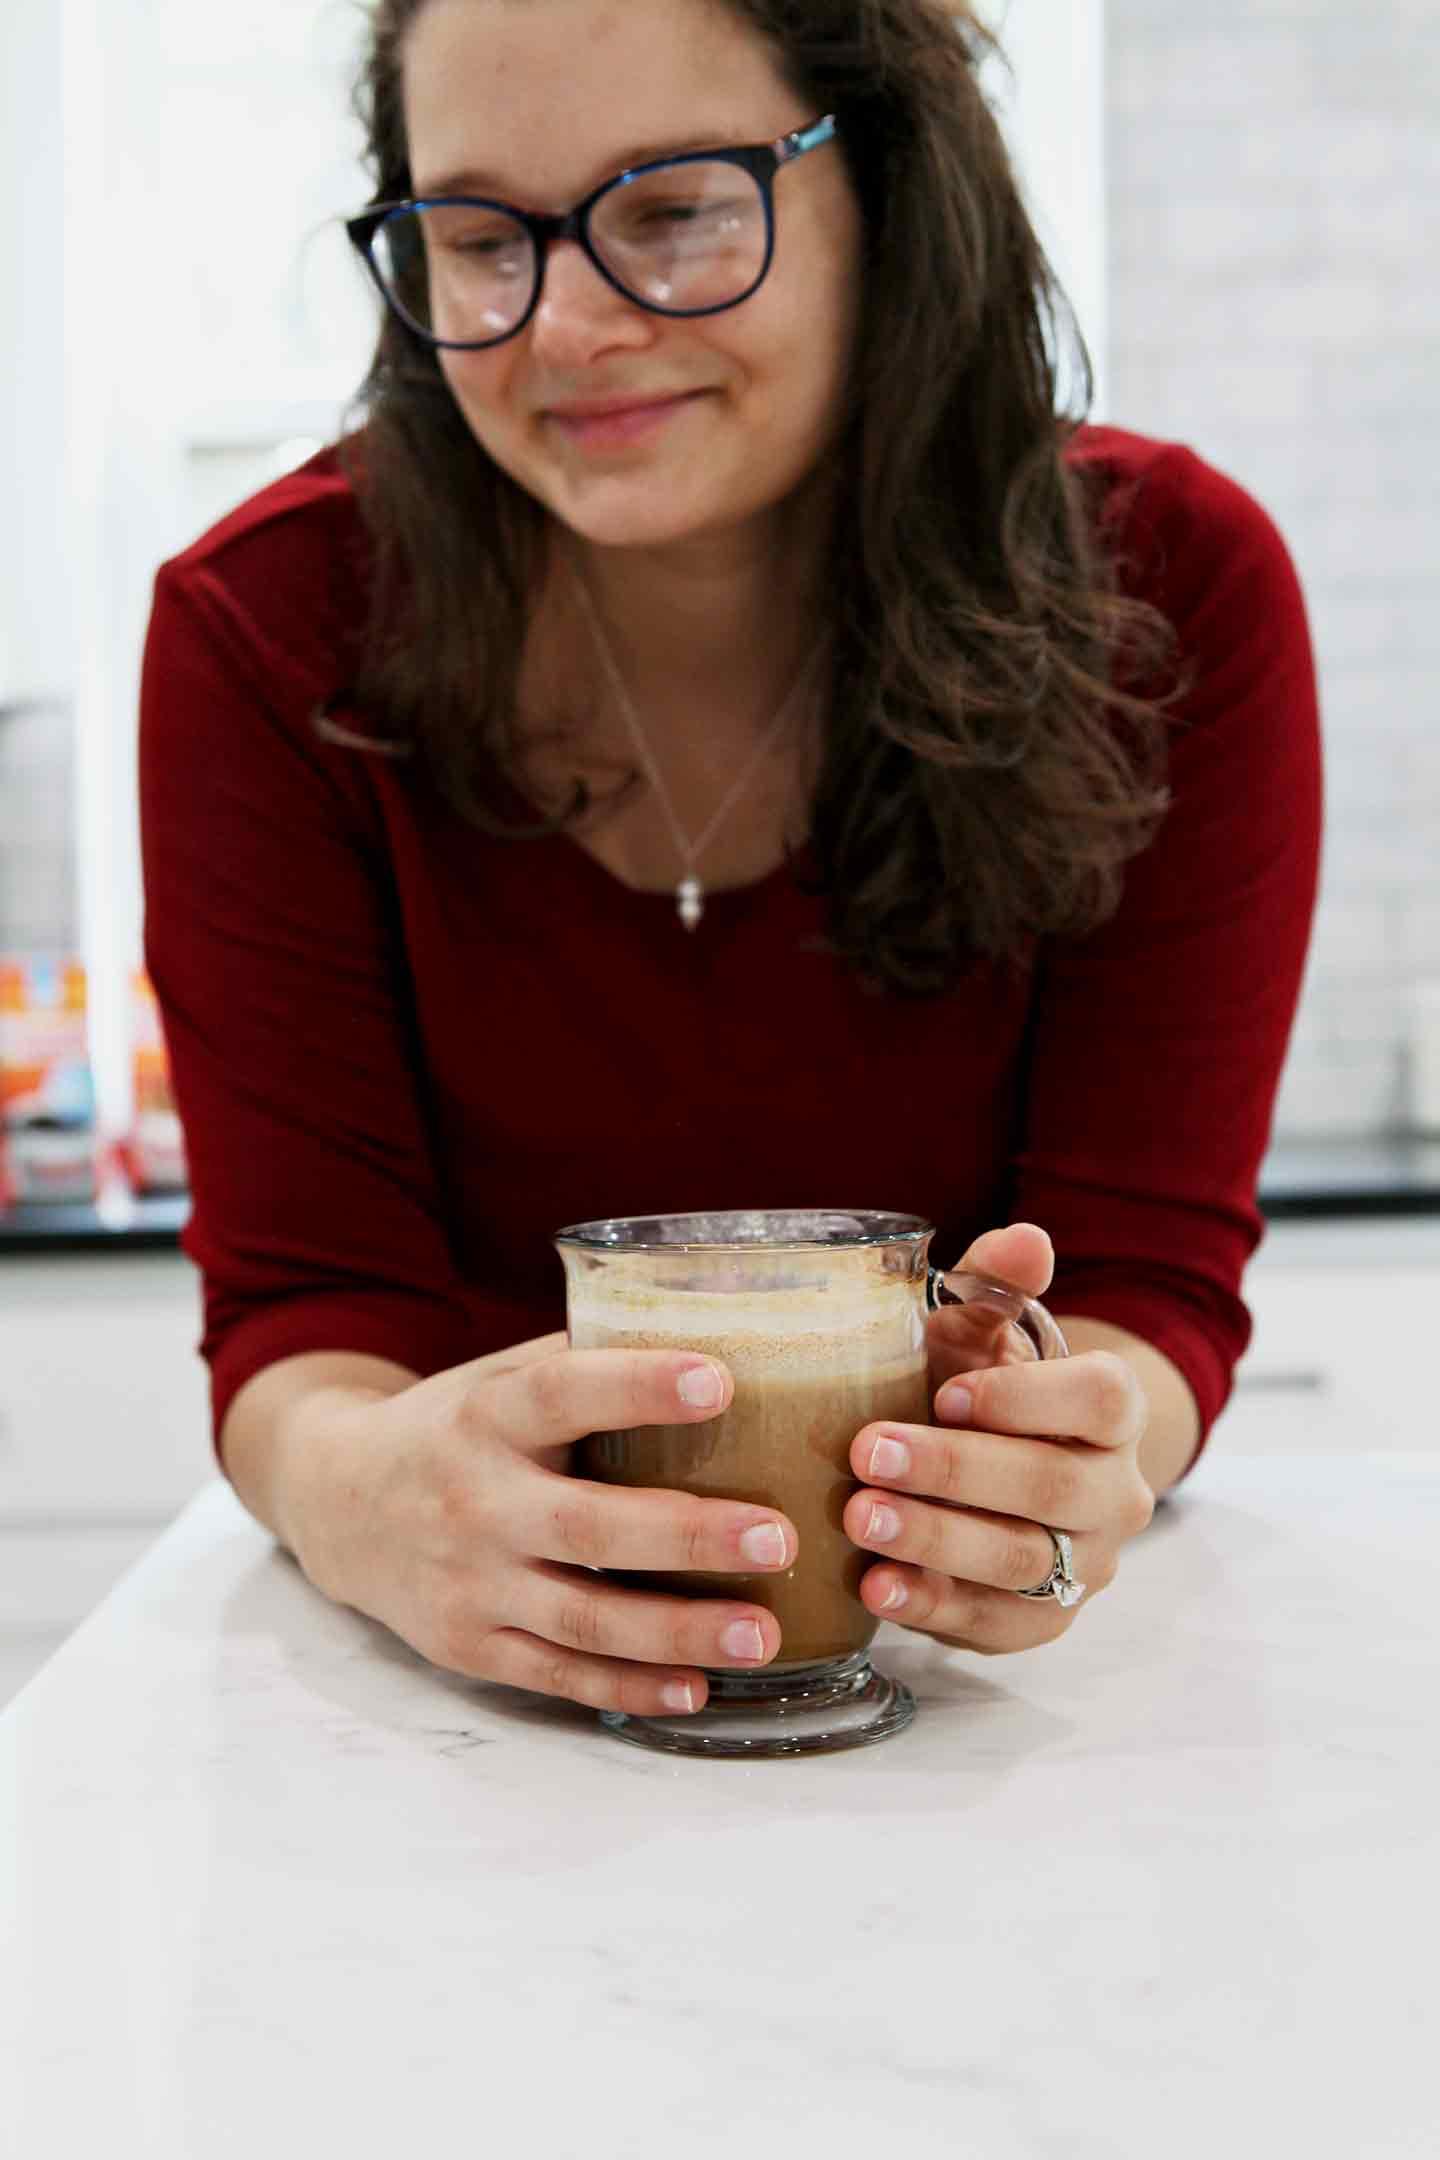 A woman holds a mug of coffee